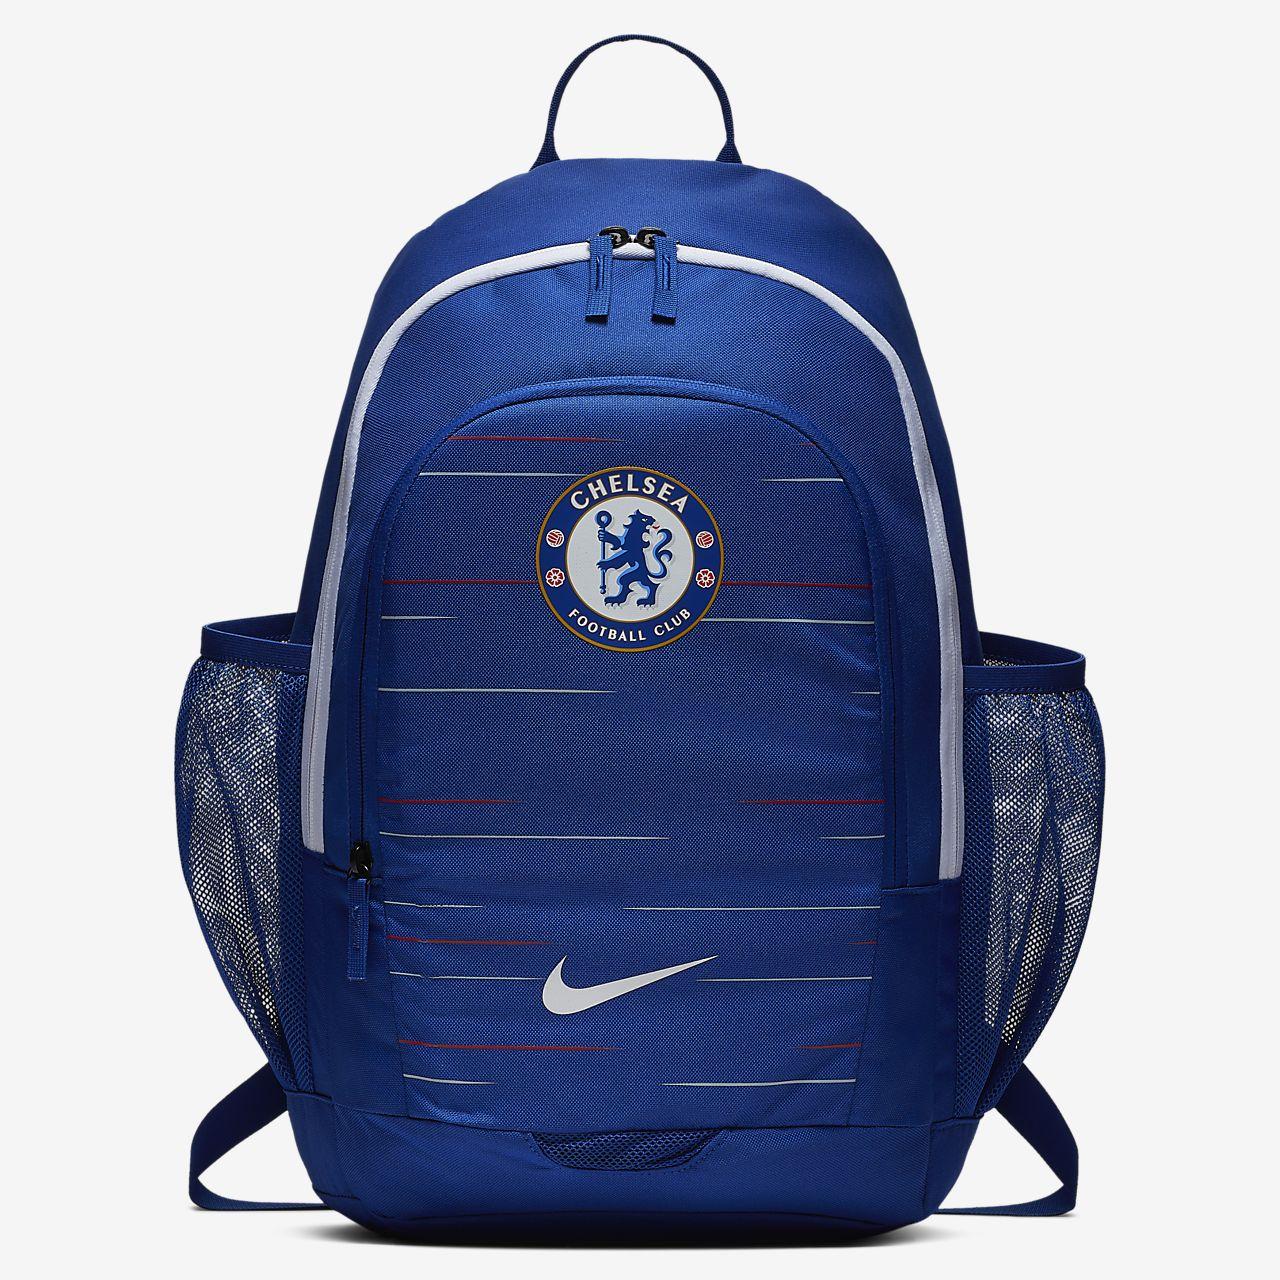 Chelsea FC Stadium Football Backpack. Nike.com BG b36e79069d488